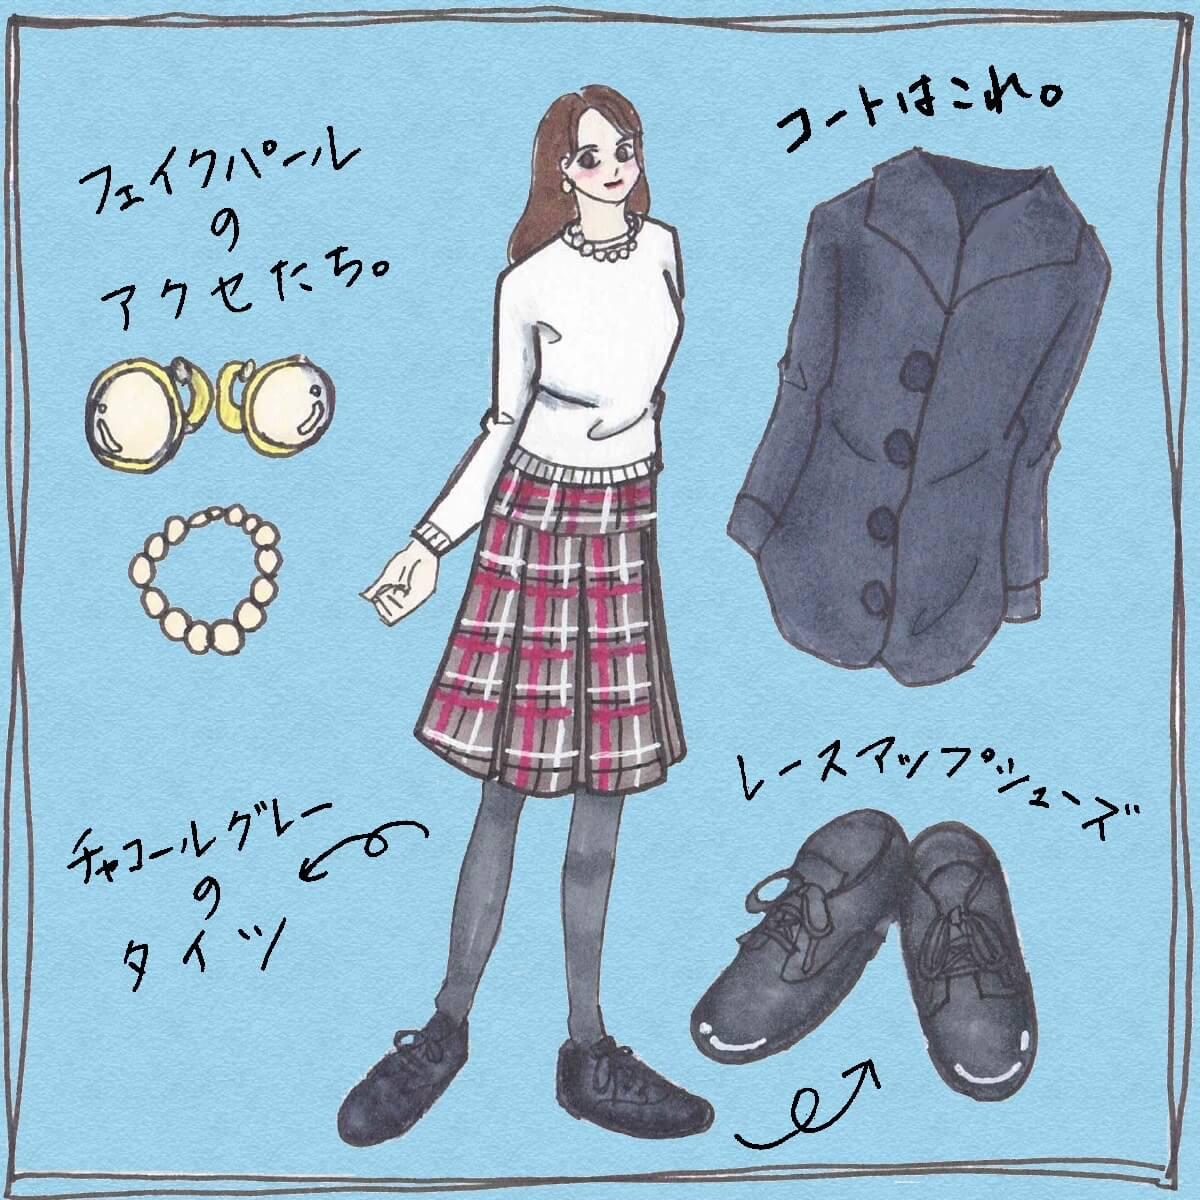 ホワイトのニットとチェック柄スカートのコーディネート